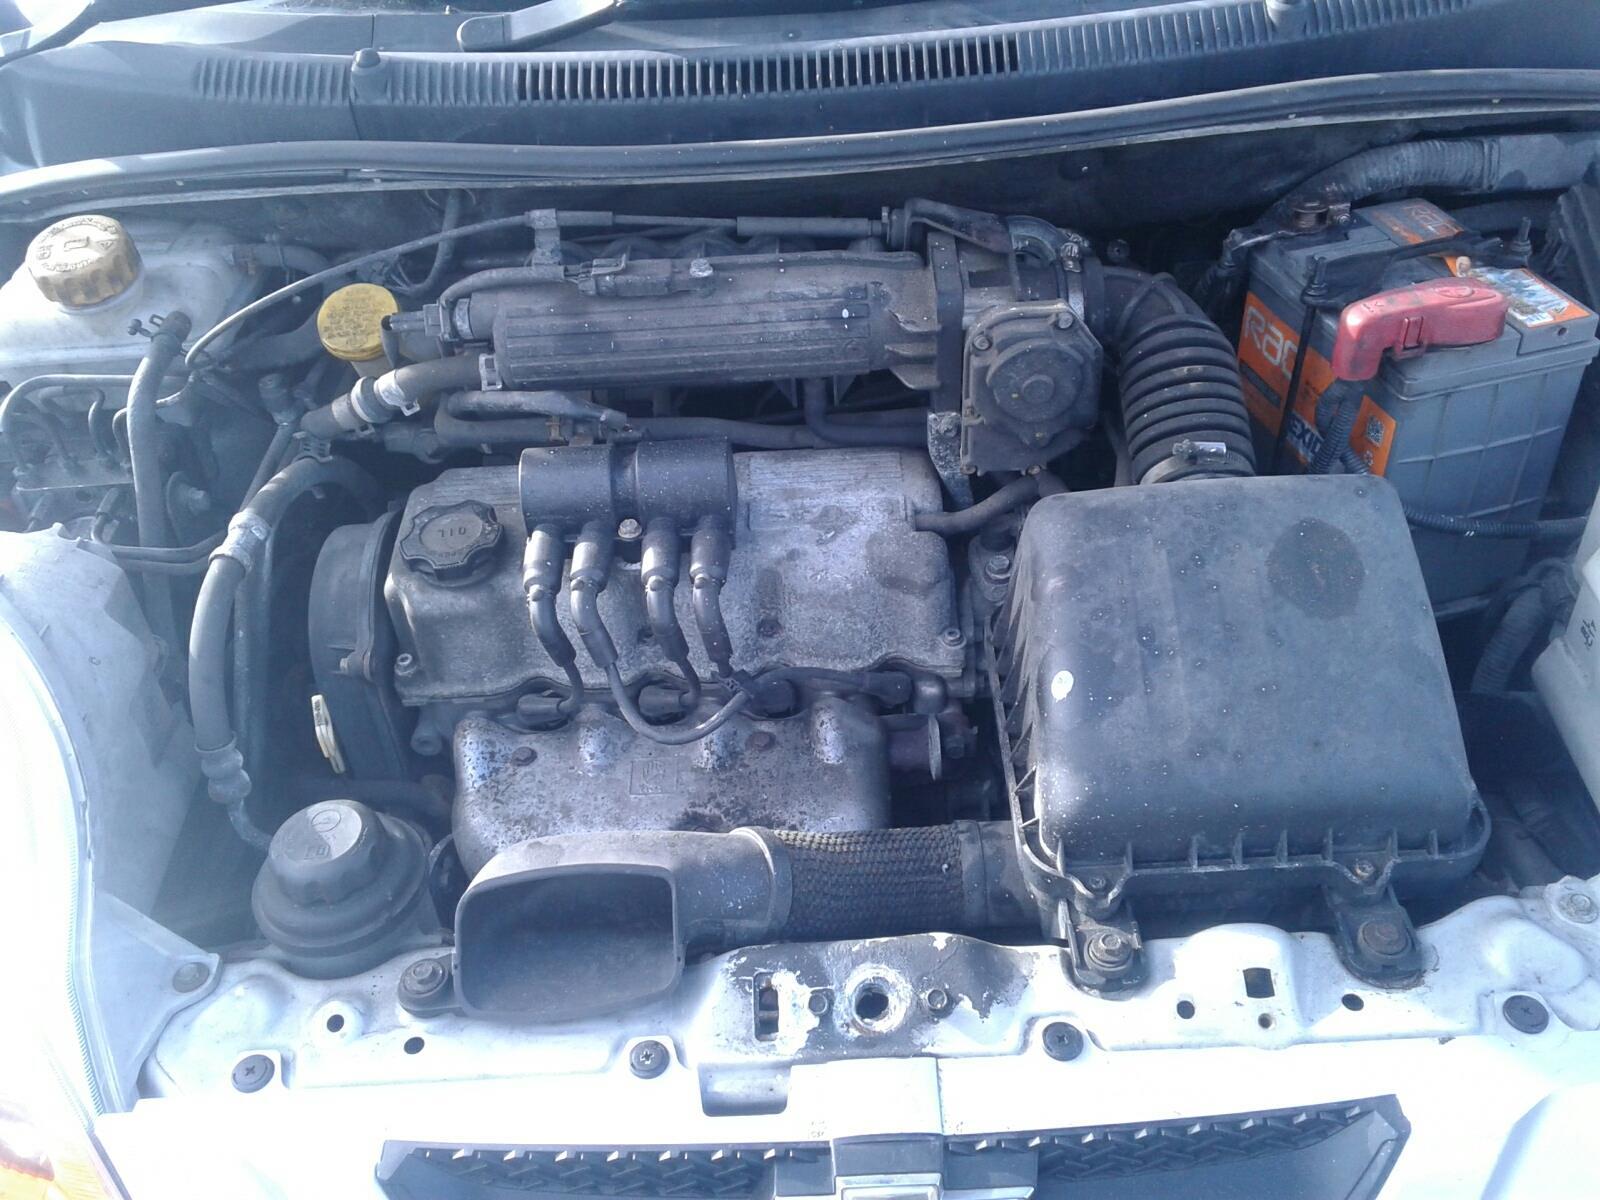 2009 Chevrolet Matiz 2005 To 2010 5 Door Hatchback Petrol Manual